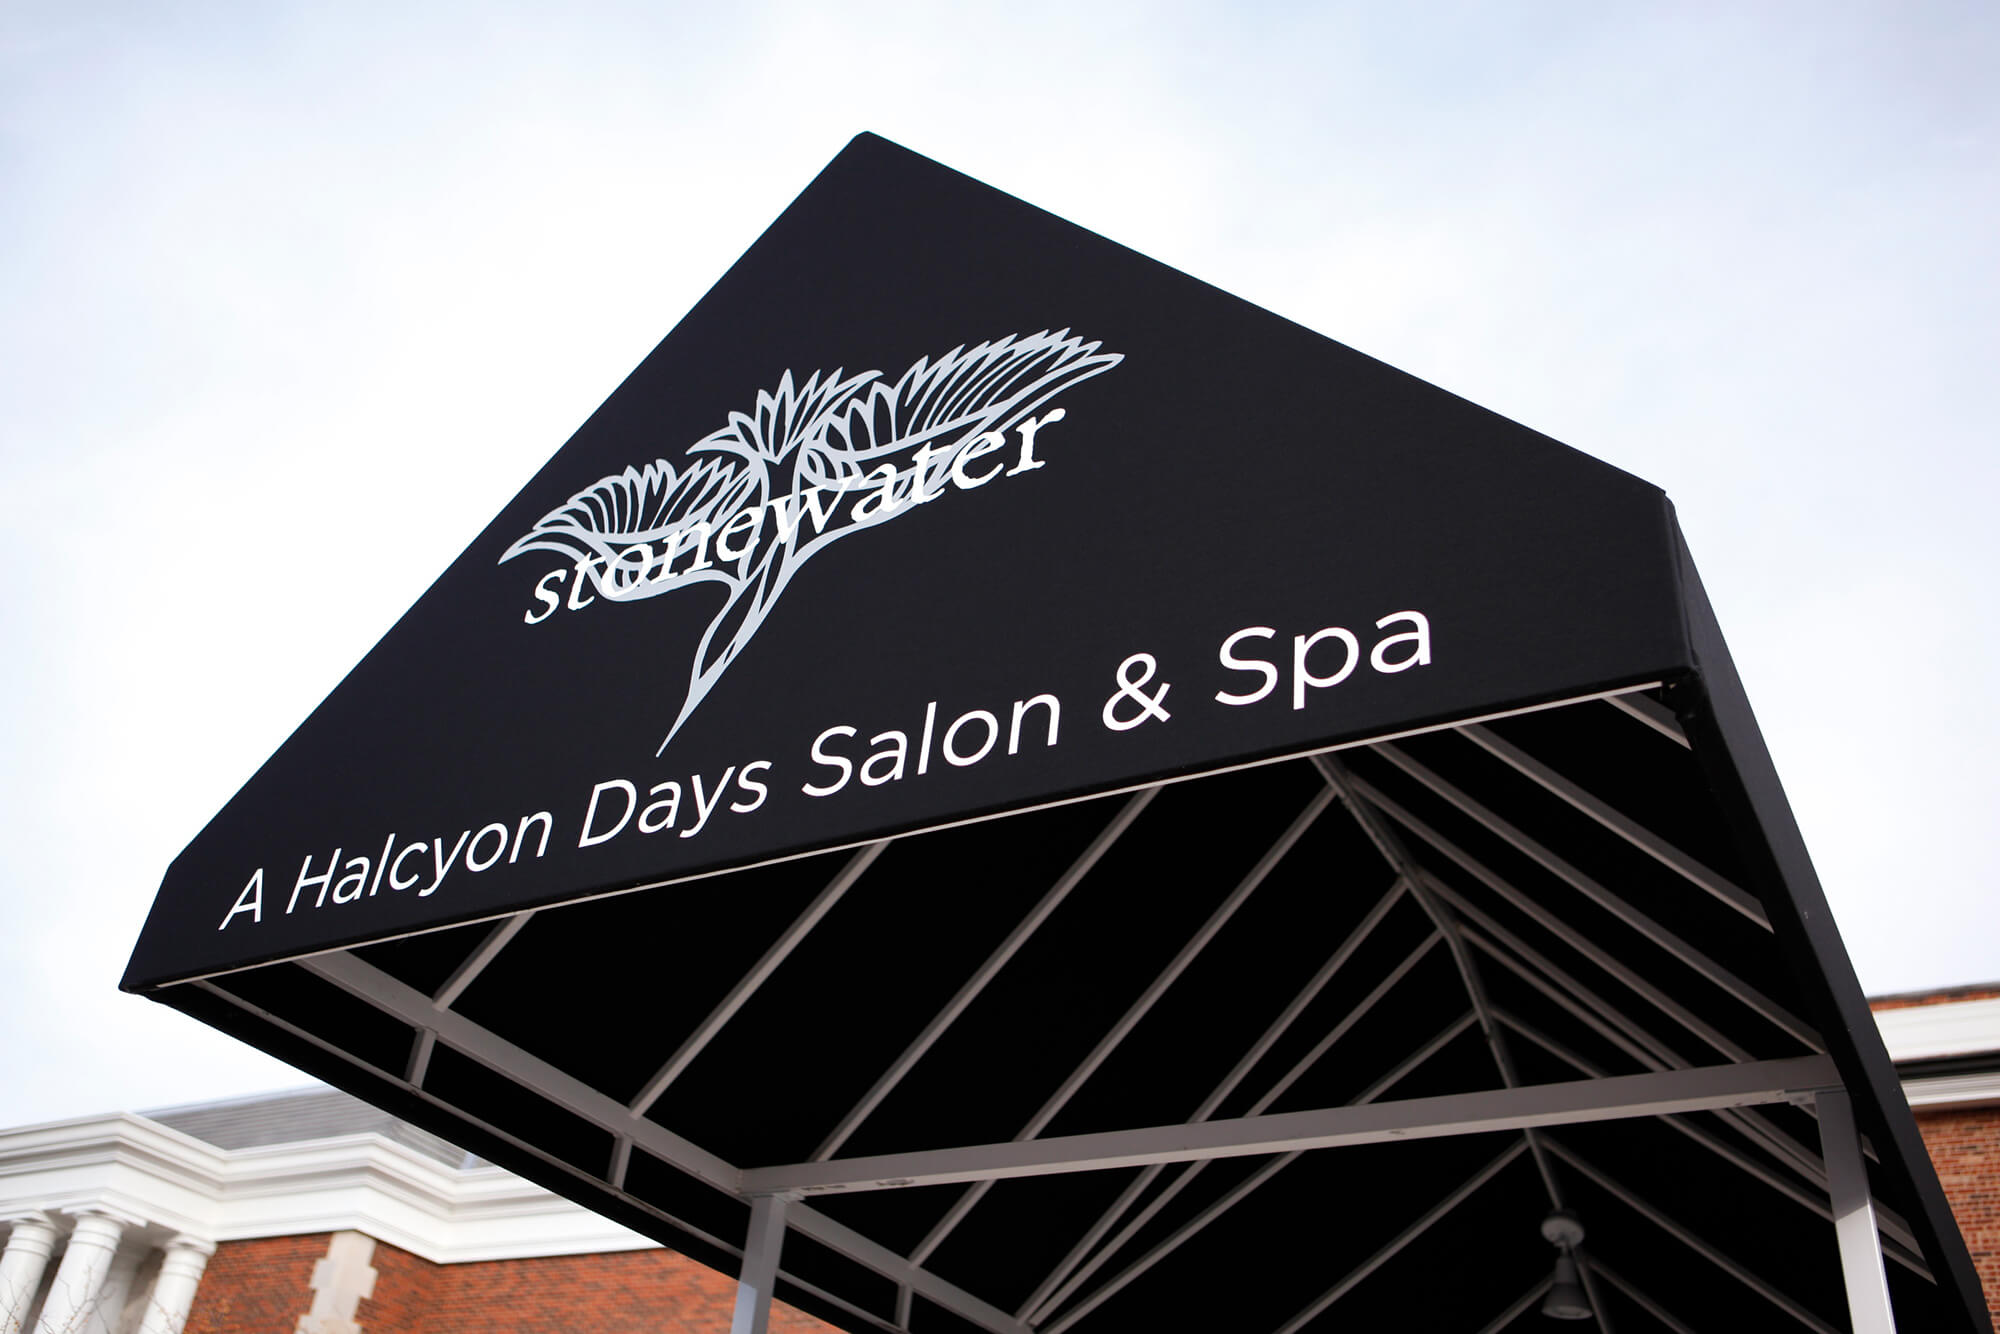 Una spa offre ai suoi clienti un ingresso coperto da una tenda nera a struttura fissa